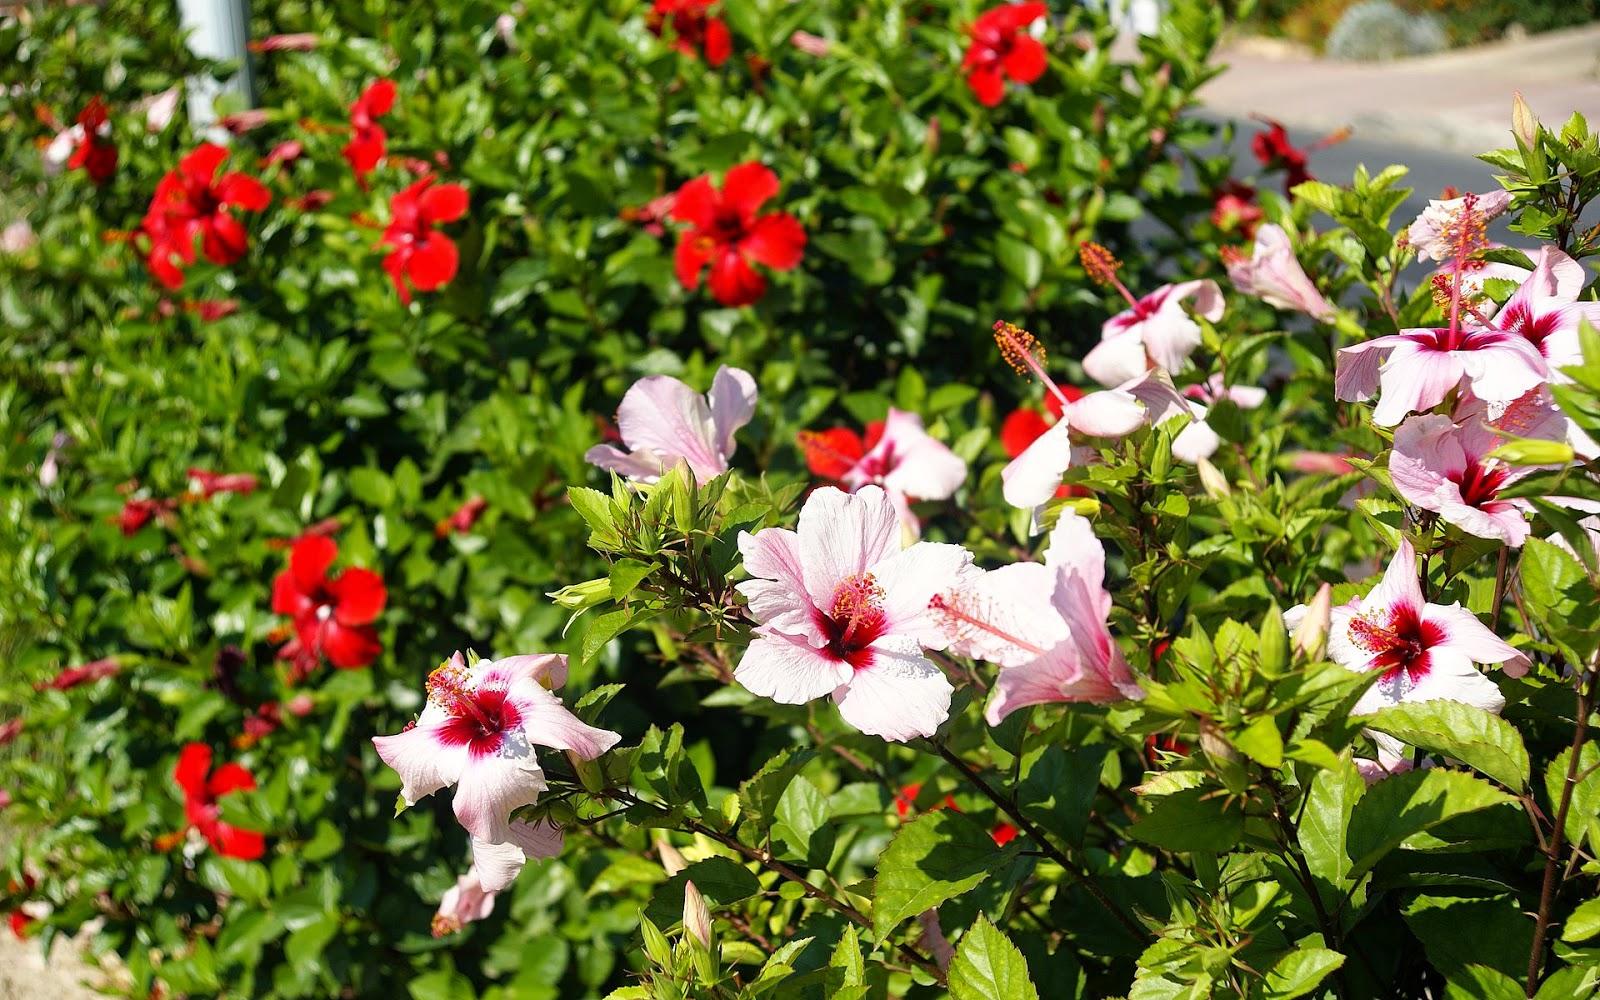 Arbustos Con Flores Para Jardines Ornamentales Verde Jardin - Arbustos-de-flor